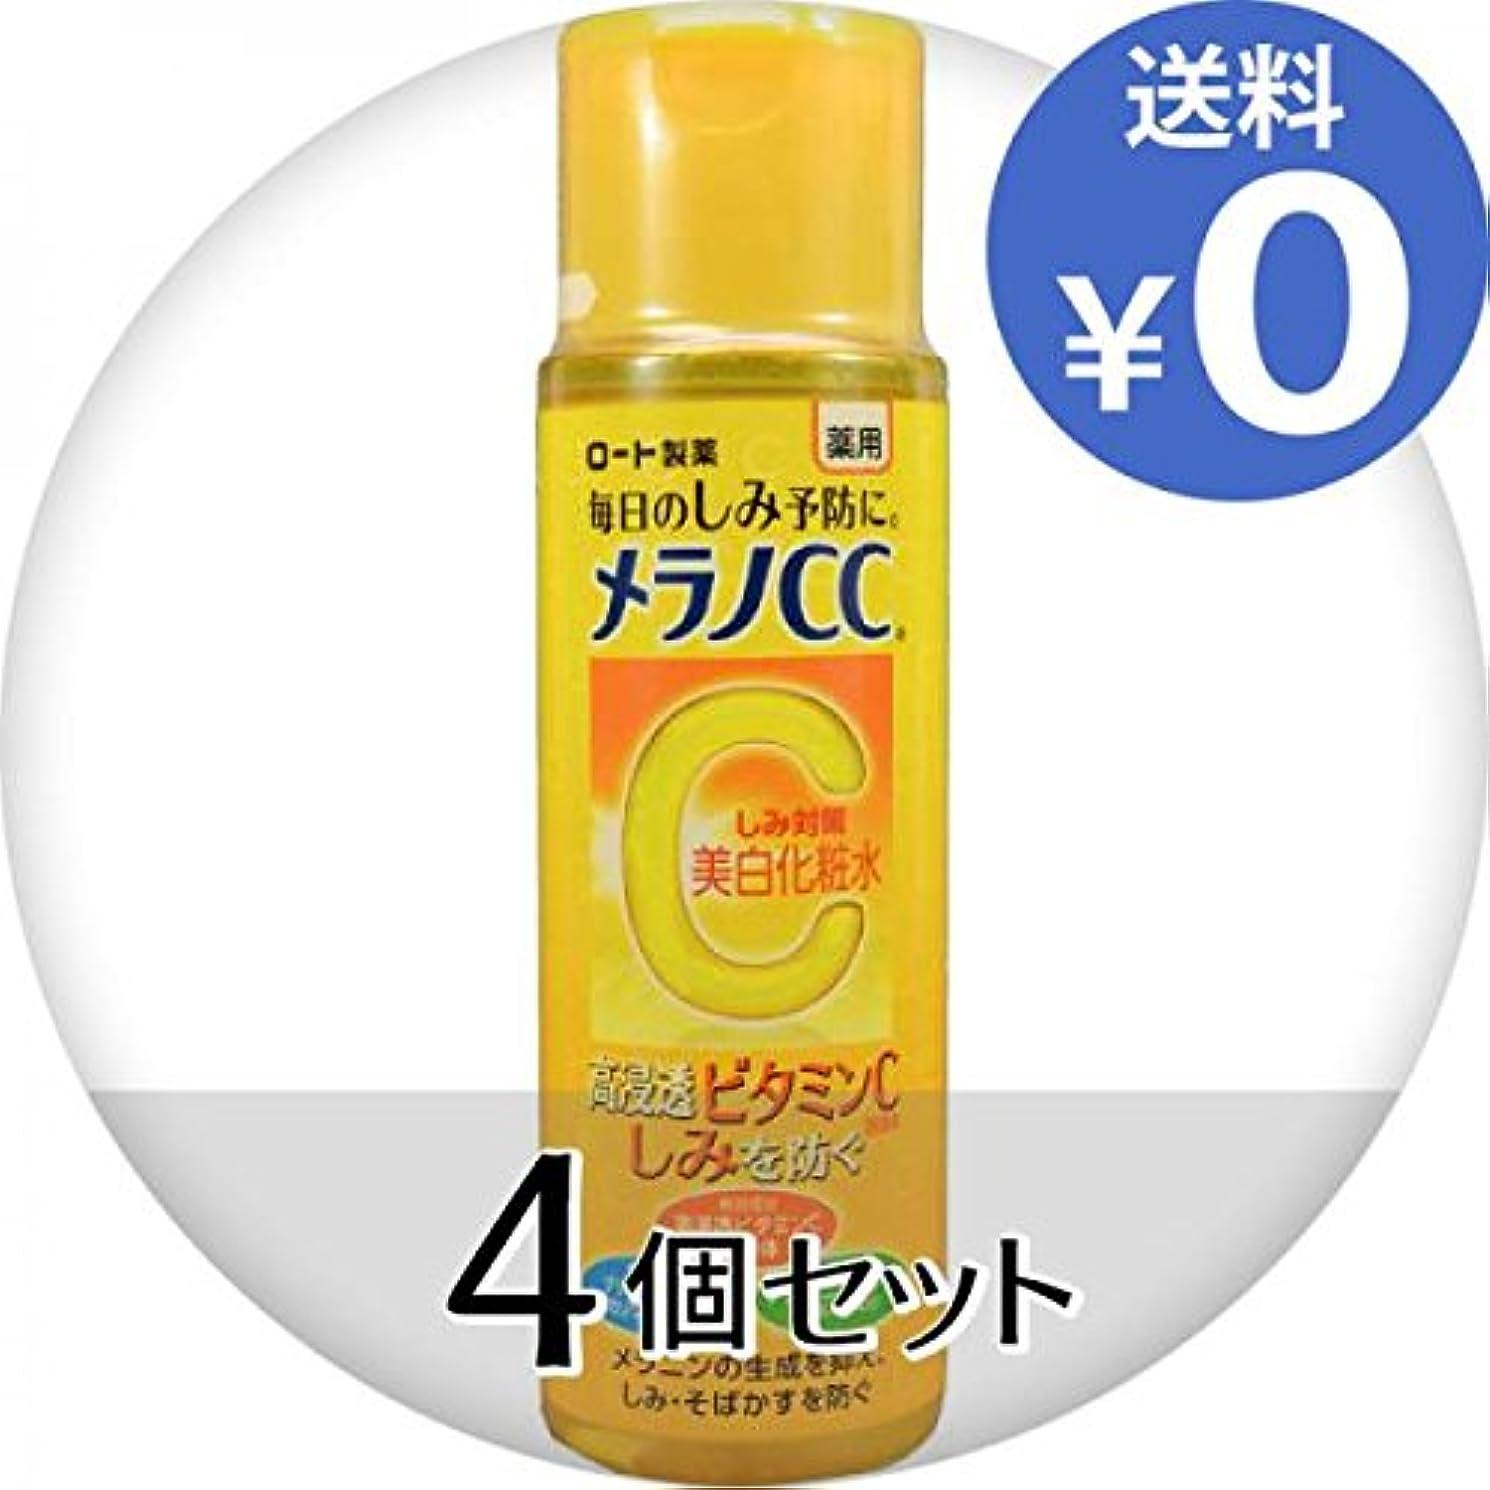 プロフェッショナル不条理群れ【セット品】メラノCC 薬用しみ対策 美白化粧水 170mL (医薬部外品) (4個)